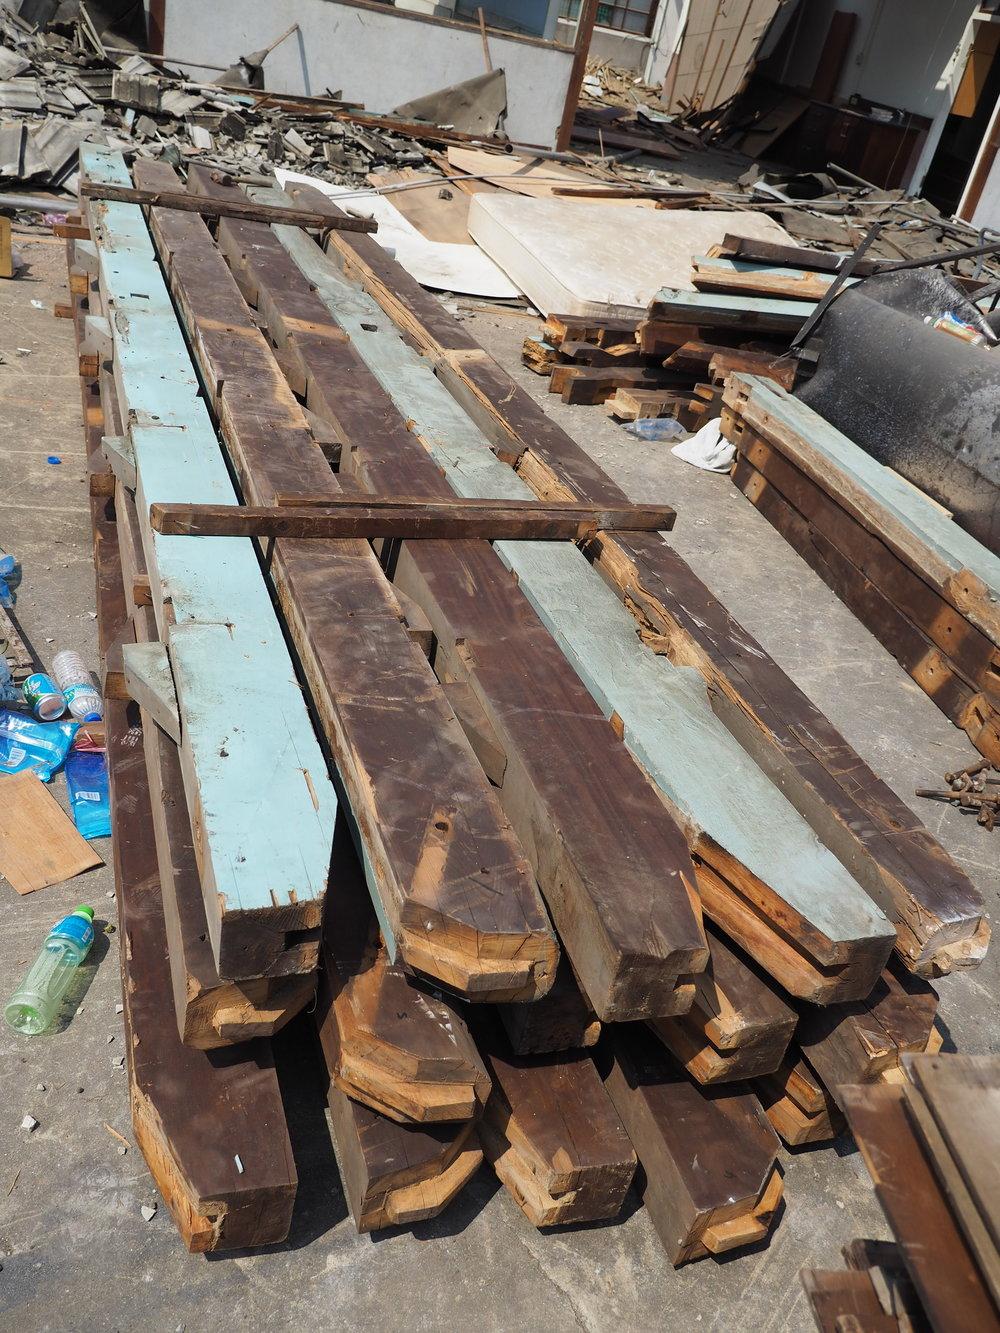 此木造建築大部分由卡榫連接成型,每一根木柱木樑,都有依循一定的尺寸、方向與工序,建立起結構系統 ; 為了保存,師傅與工班經過幾次的場堪與討論,逐漸定義出拆解的方式,也幾乎是將蓋起建築的順序重新倒帶一次。  不同於一般破壞性的拆除,W2投入時間、設備與人力,讓這些被遺忘的材料、建築形式與技術,重新再被認識與尊重。